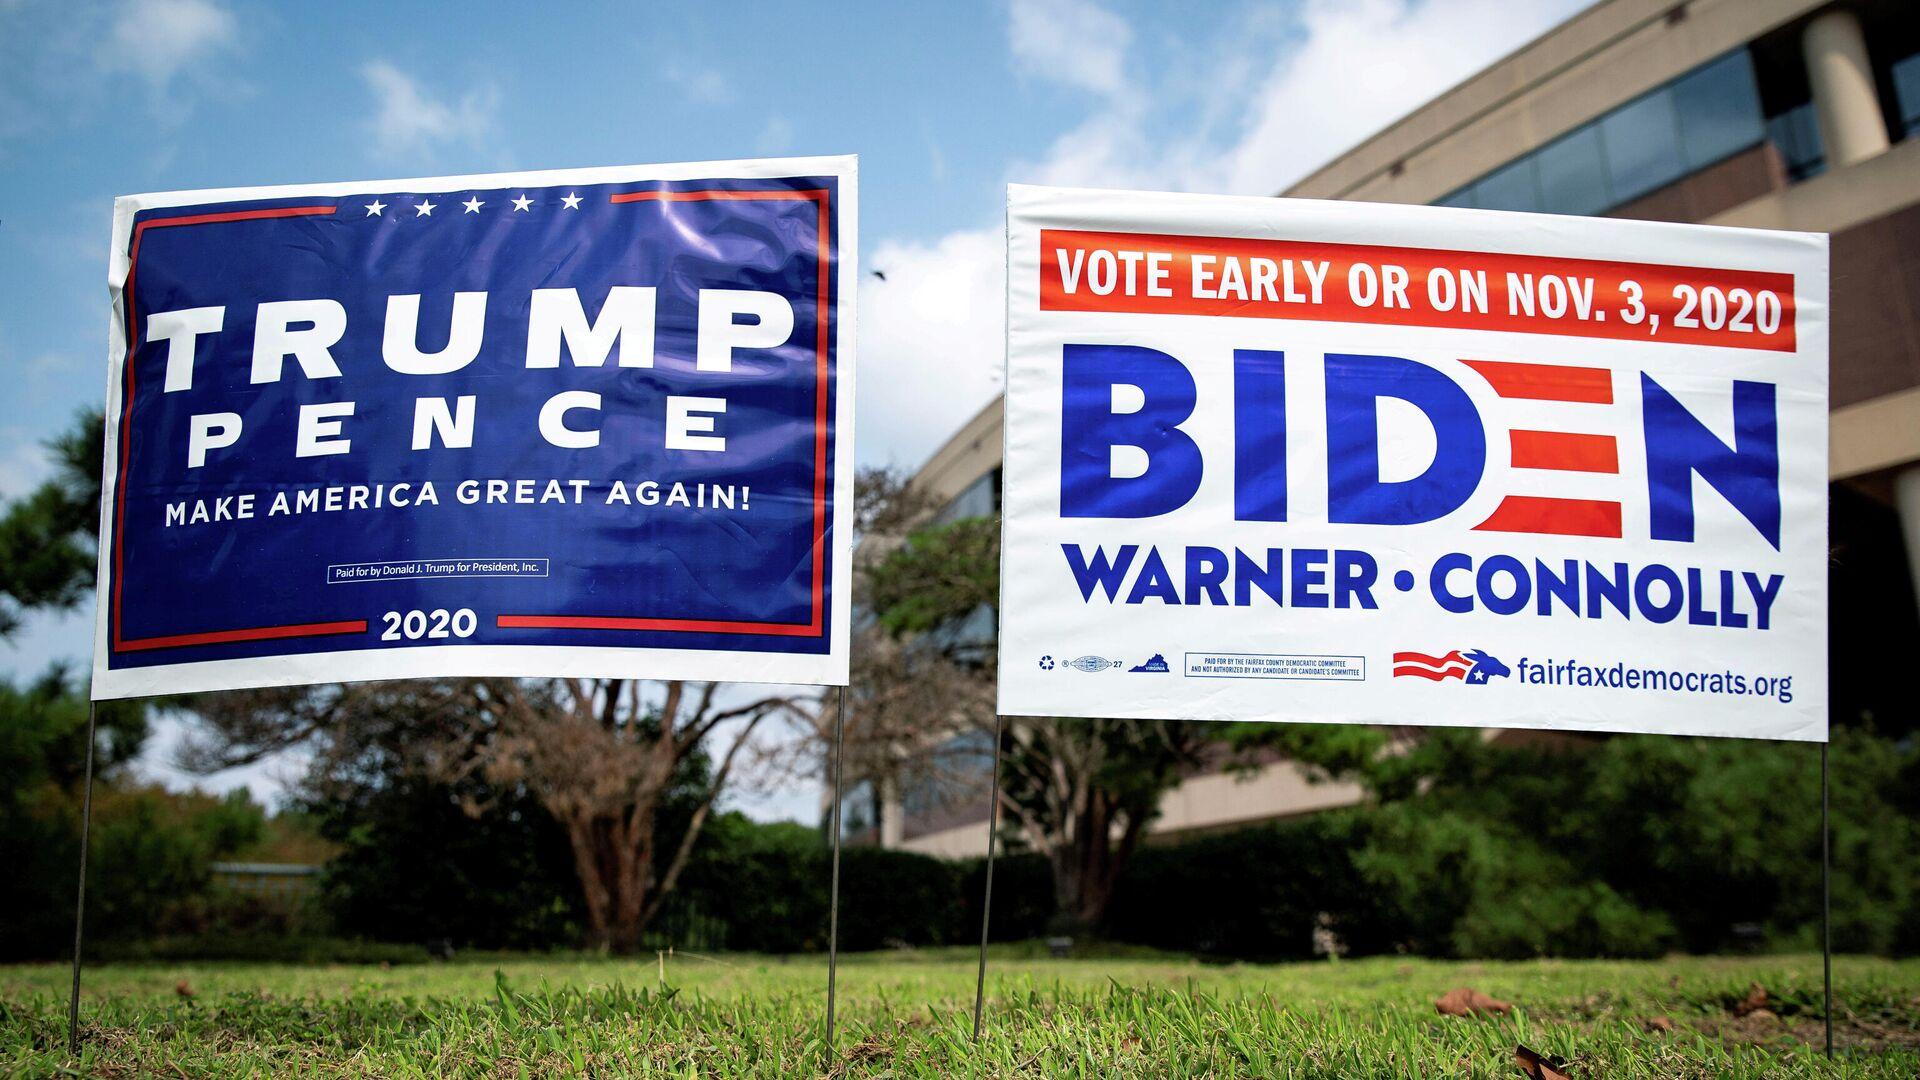 Плакаты в поддержку президента США Дональда Трампа и кандидата в президенты от Демократической партии США Джо Байдена - РИА Новости, 1920, 20.10.2020